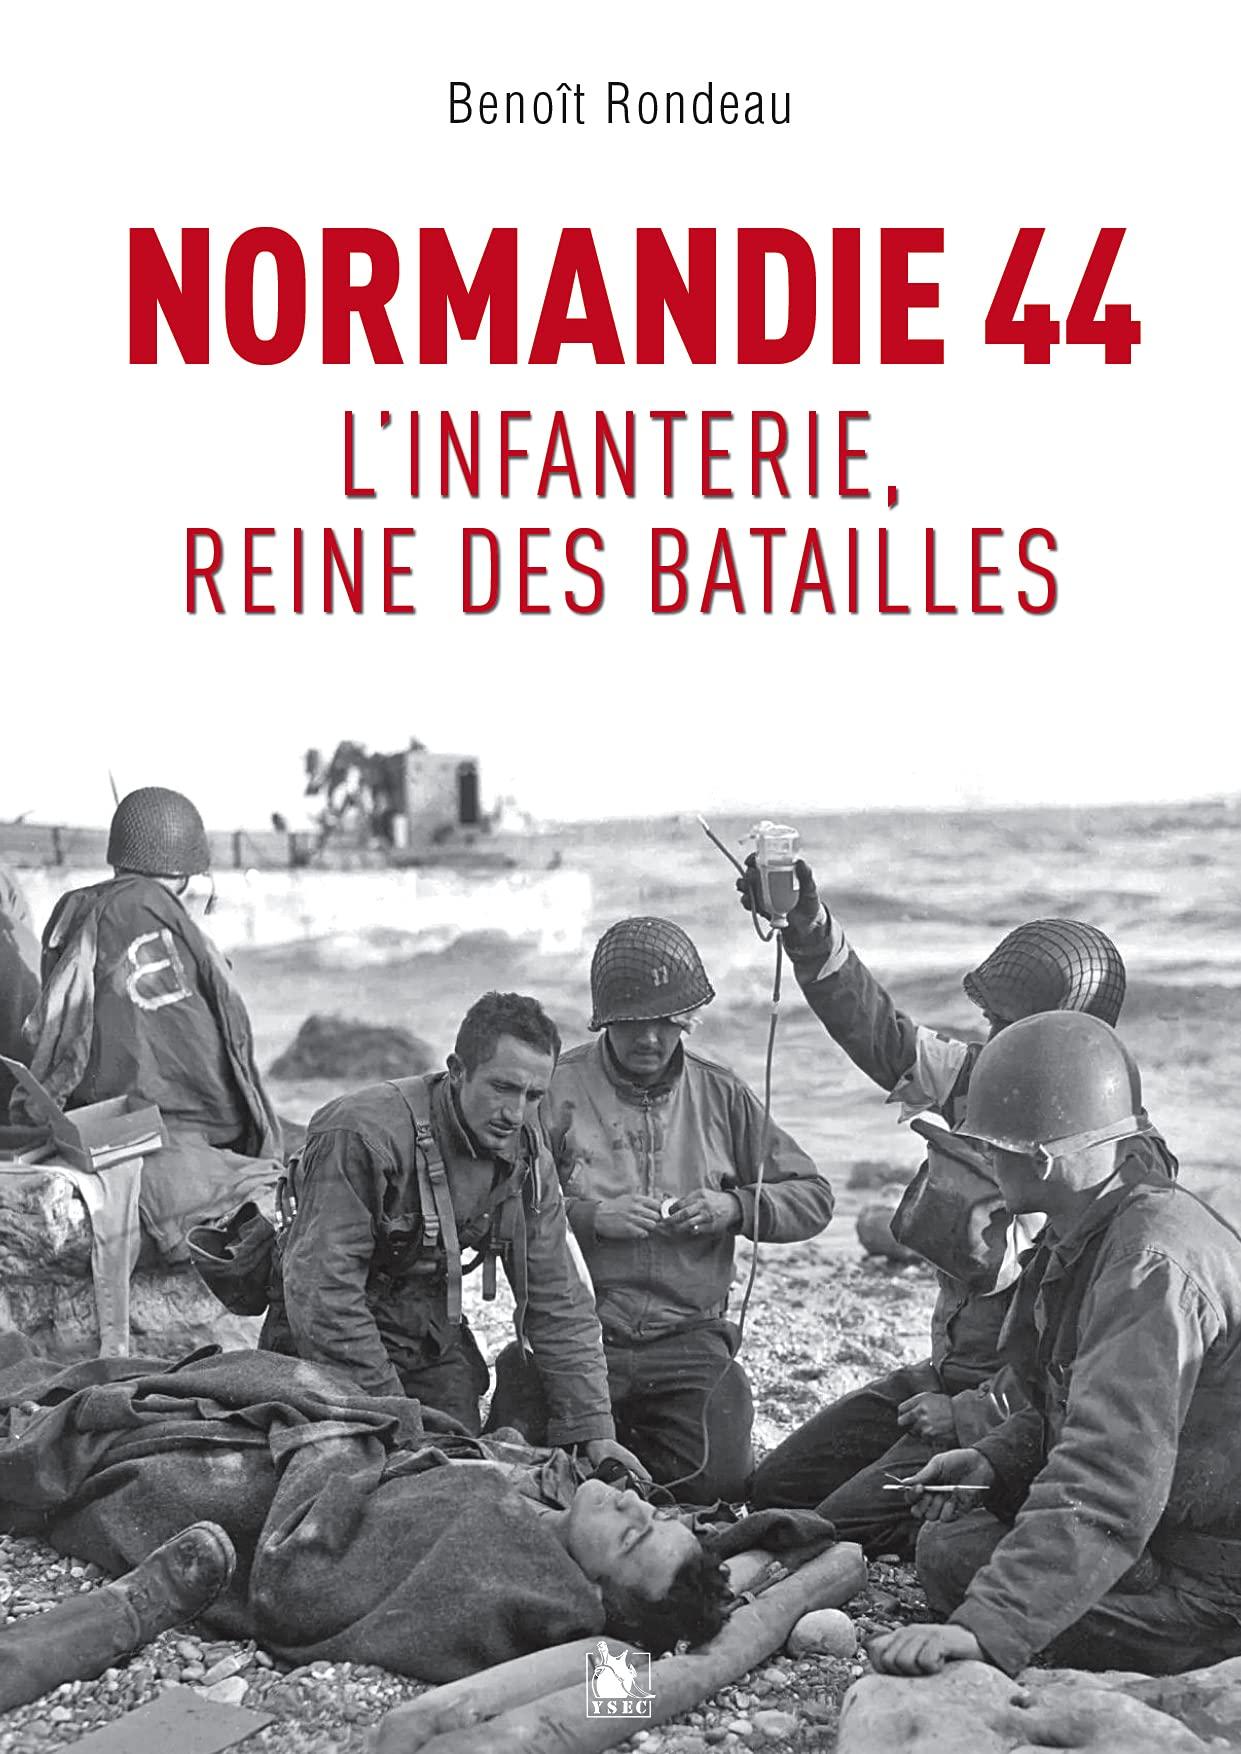 Normandie 1944: L'infanterie, reine des batailles